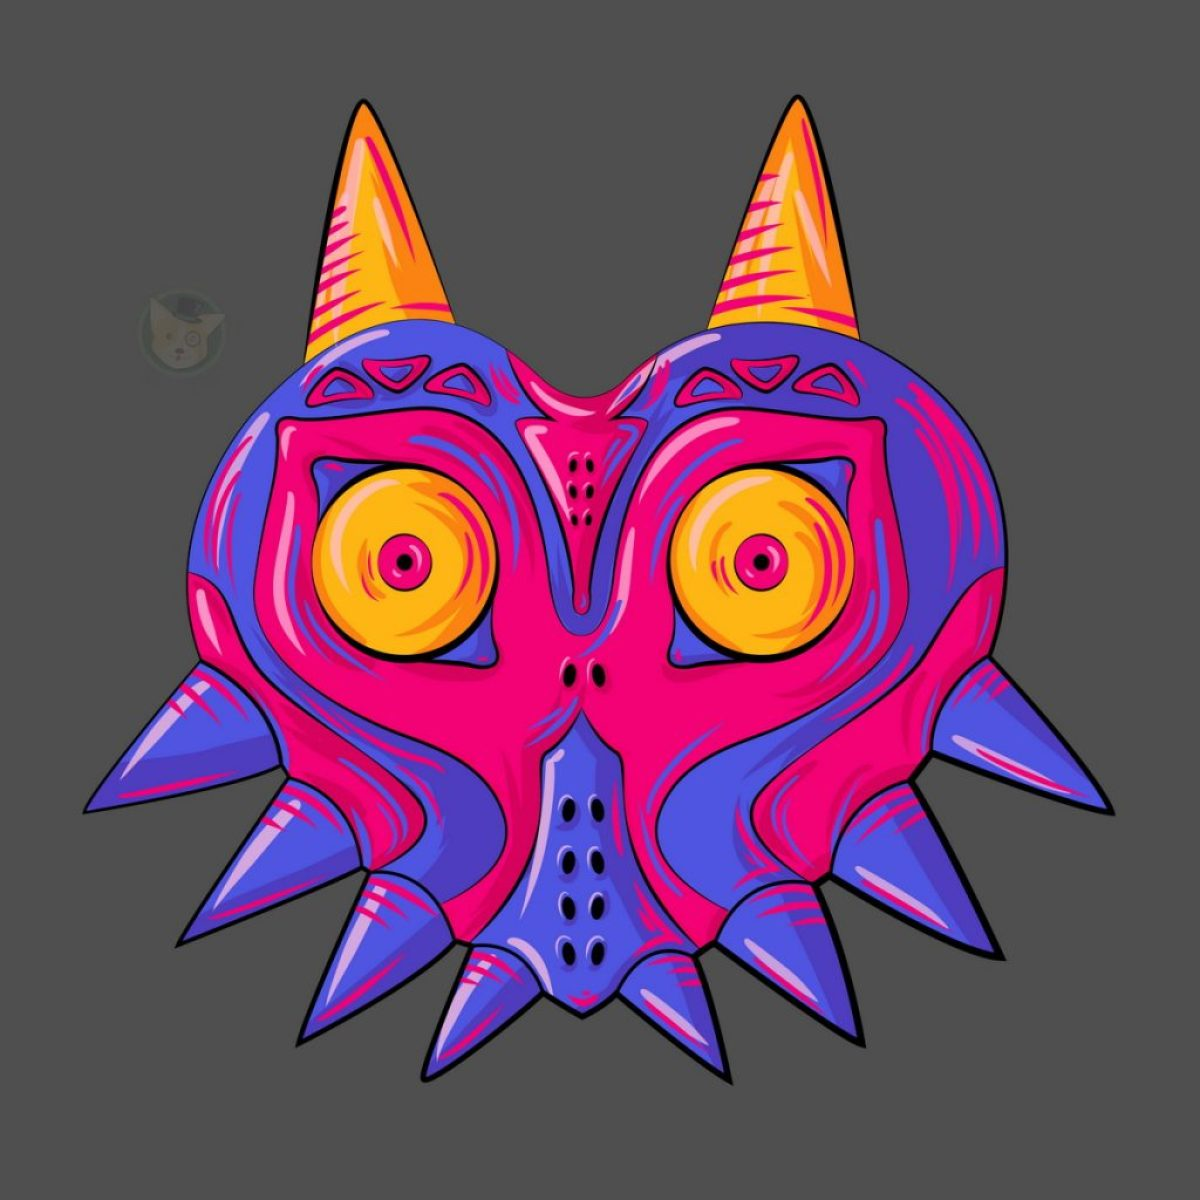 preview, majoras mask, zelda, legend of zelda, game